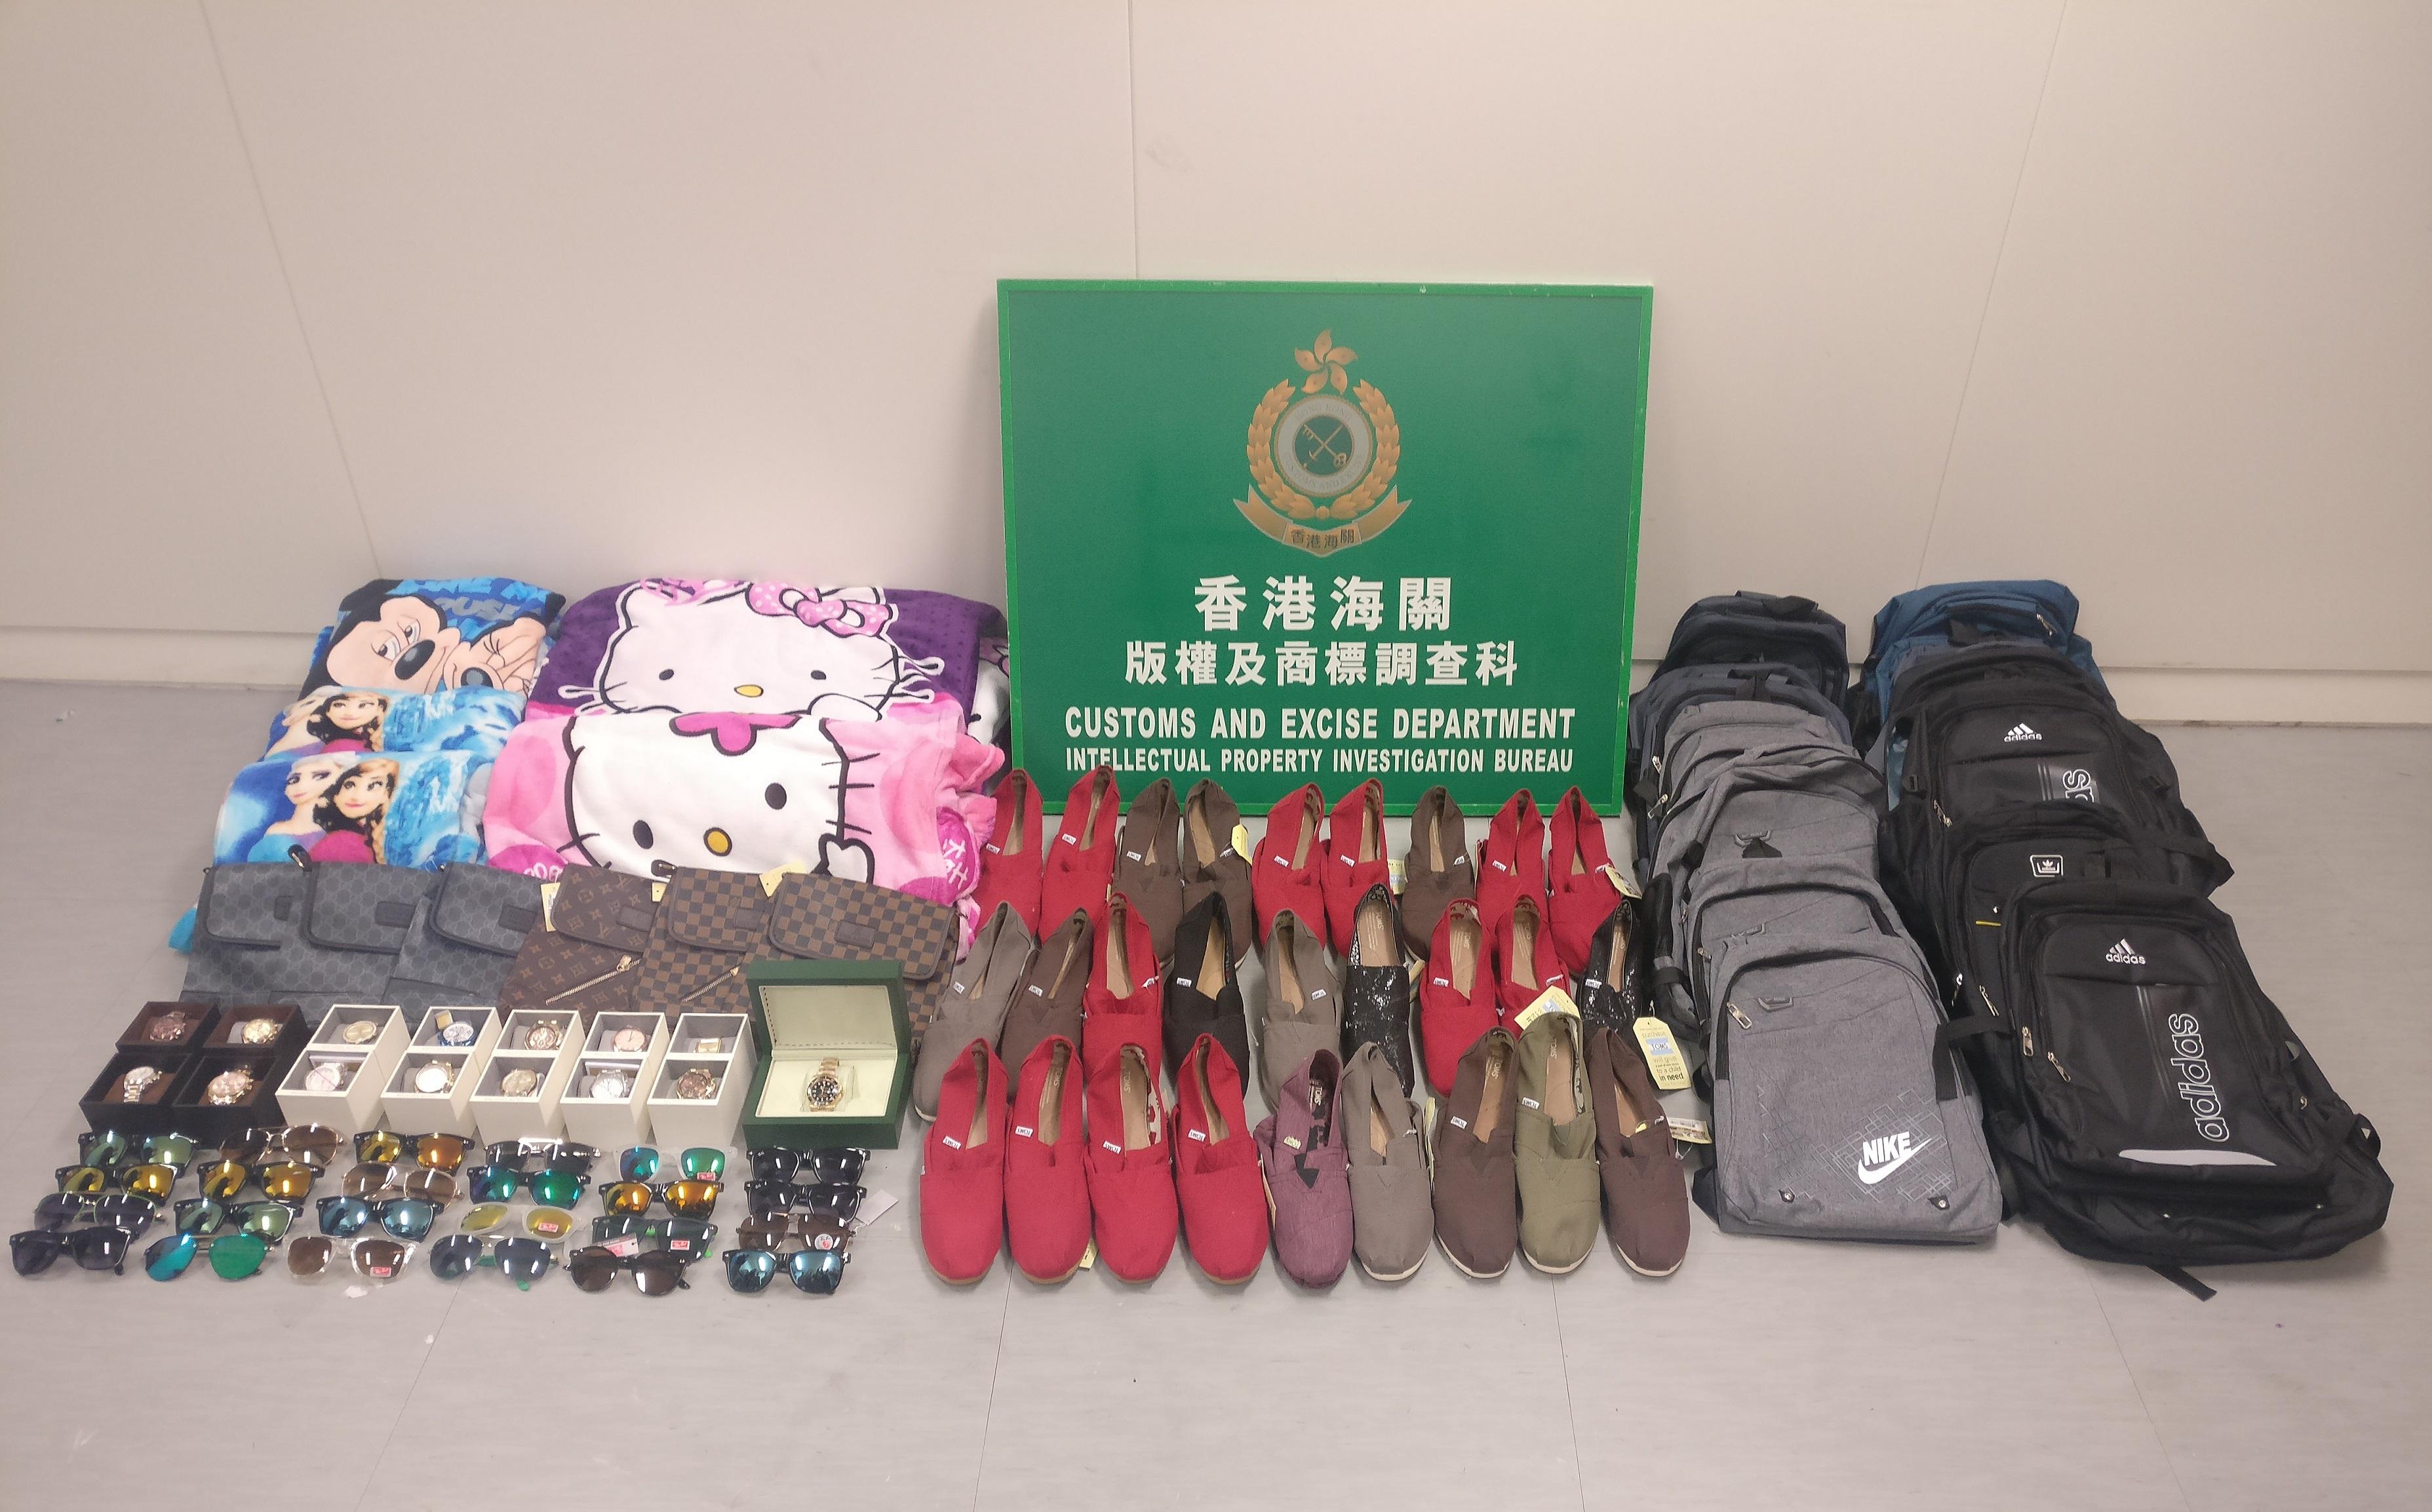 海關共檢獲約900件懷疑侵權物品,估計市值約7萬元。新聞處圖片